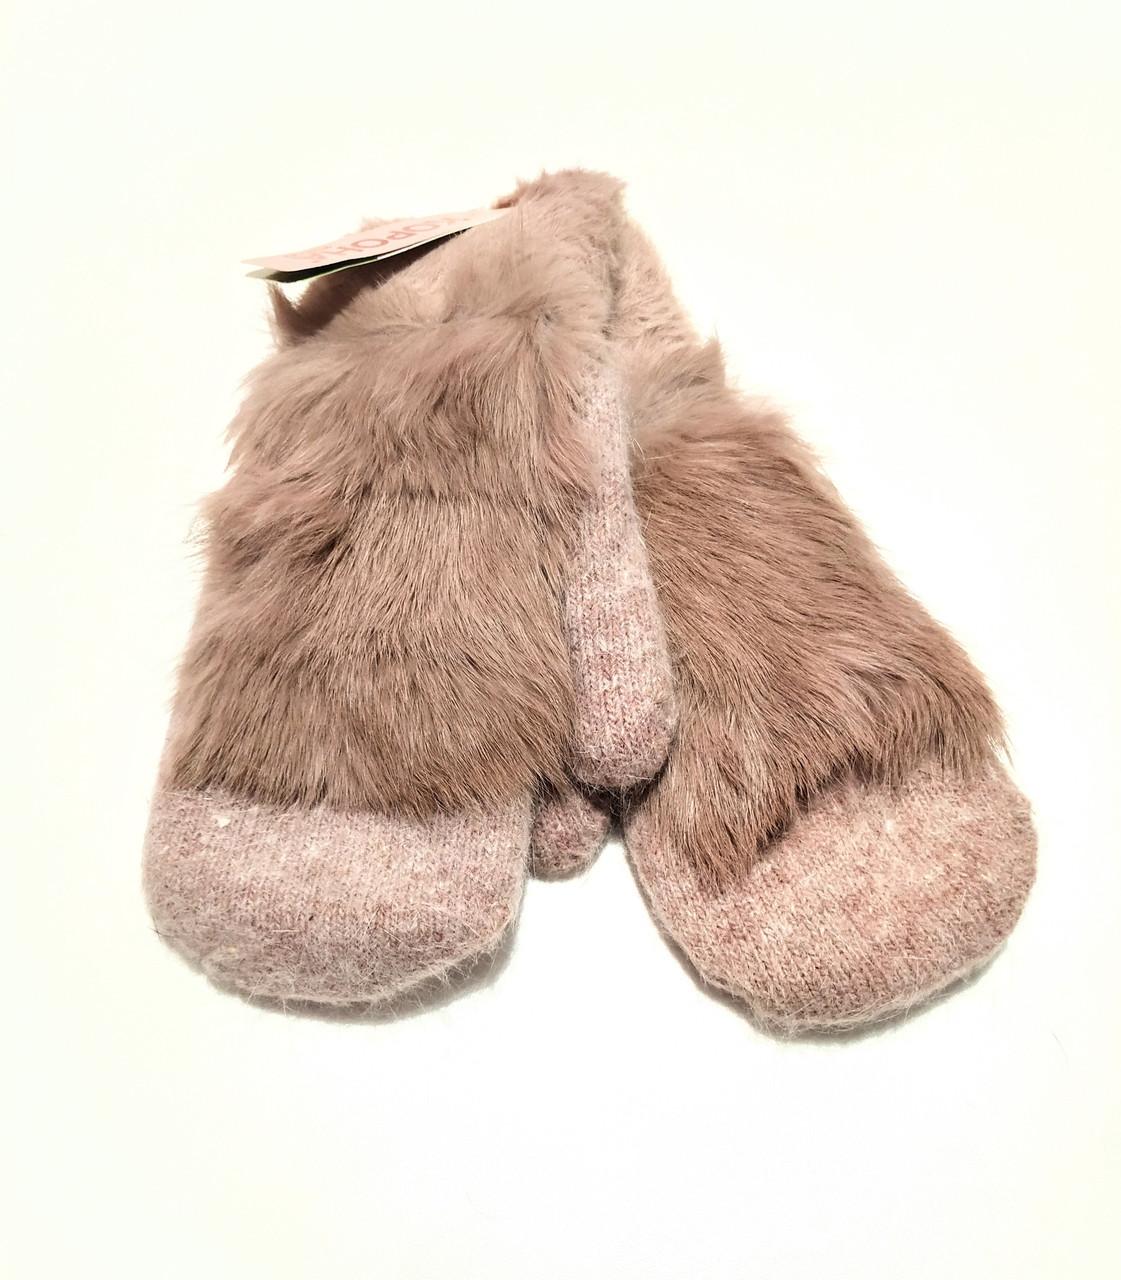 Варежки рукавички женские ангора на меху двойные бежевые